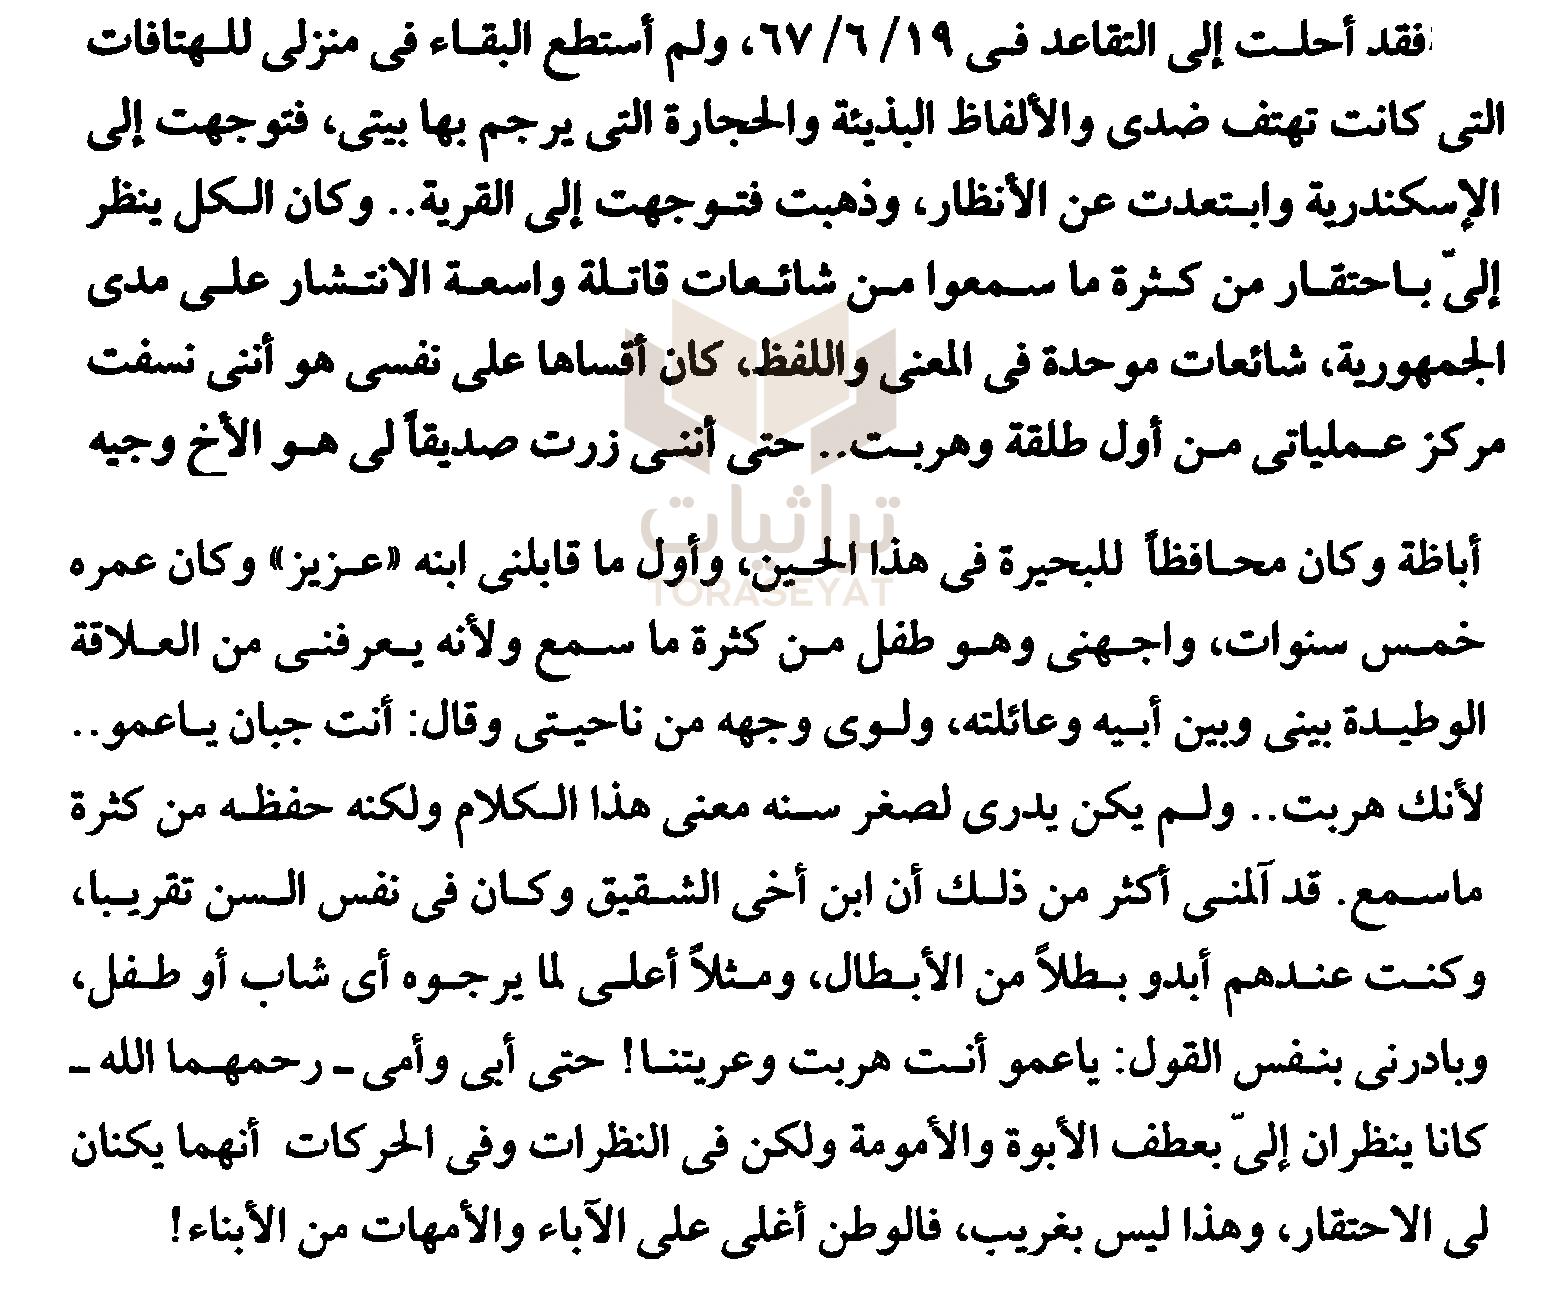 عبدالحميد الدغيدي يحكي عن ابن وجيه أباظة وموقف أهله